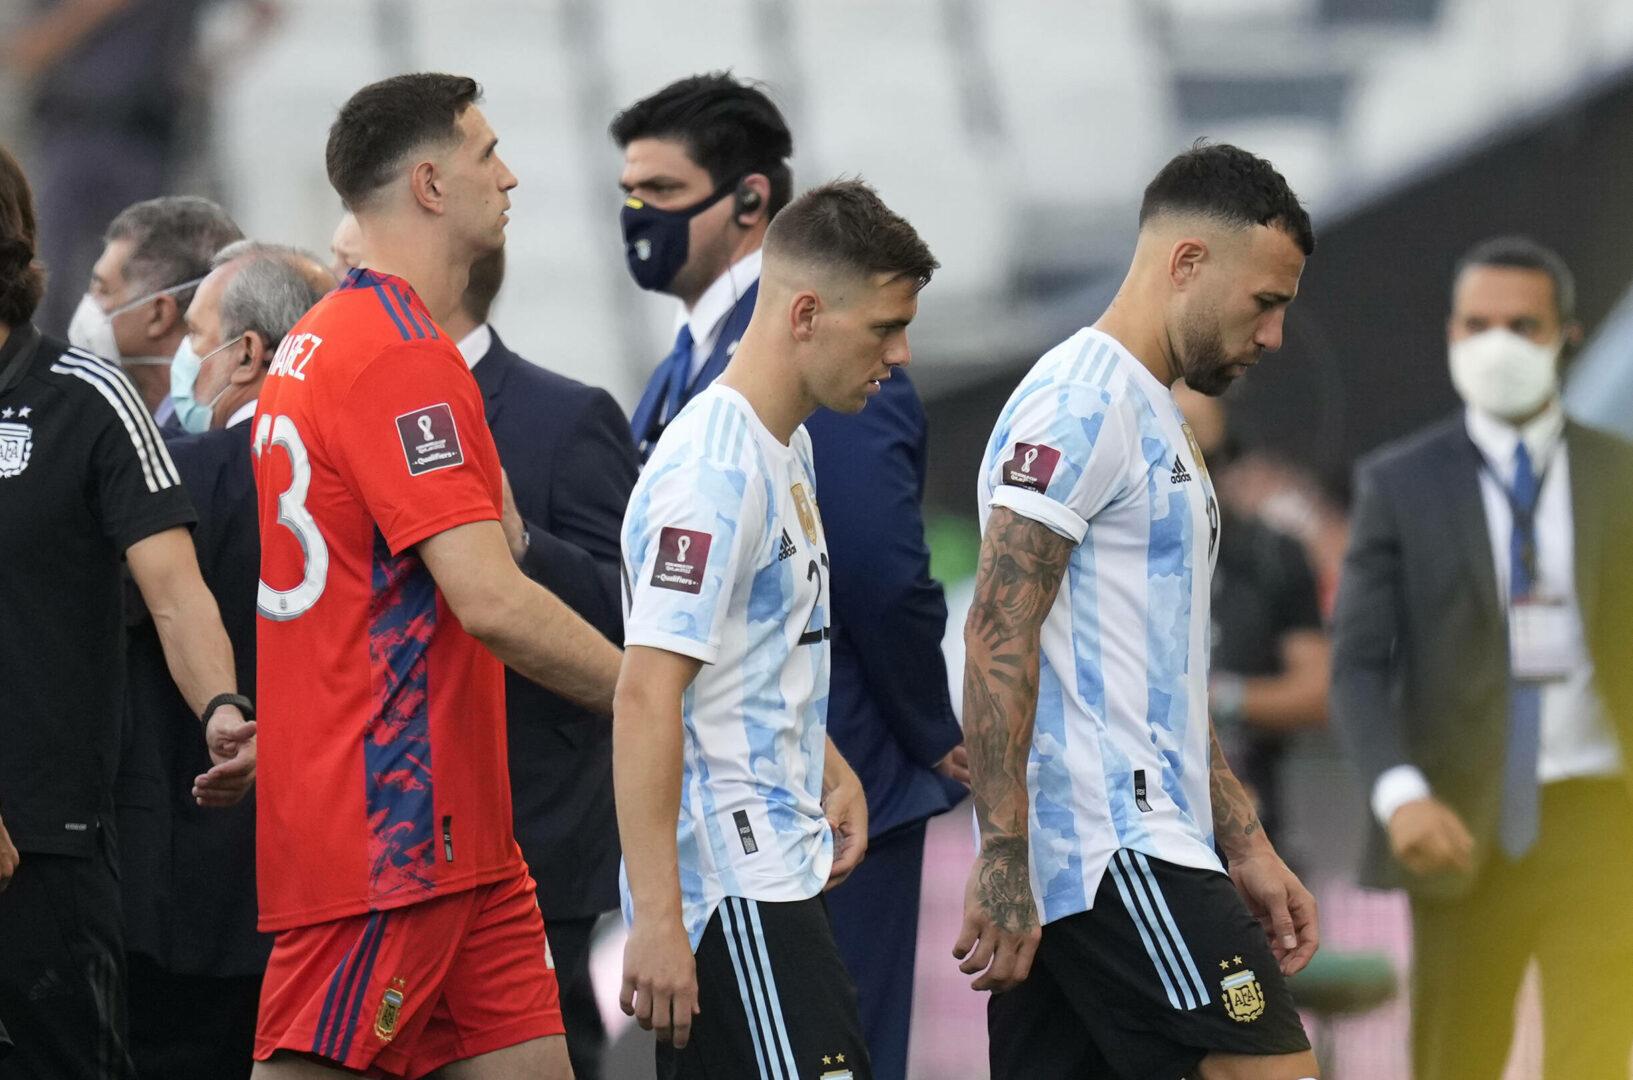 Martínez, Lo Celso, Otamendi (alle Argentinien) verlassen den Platz